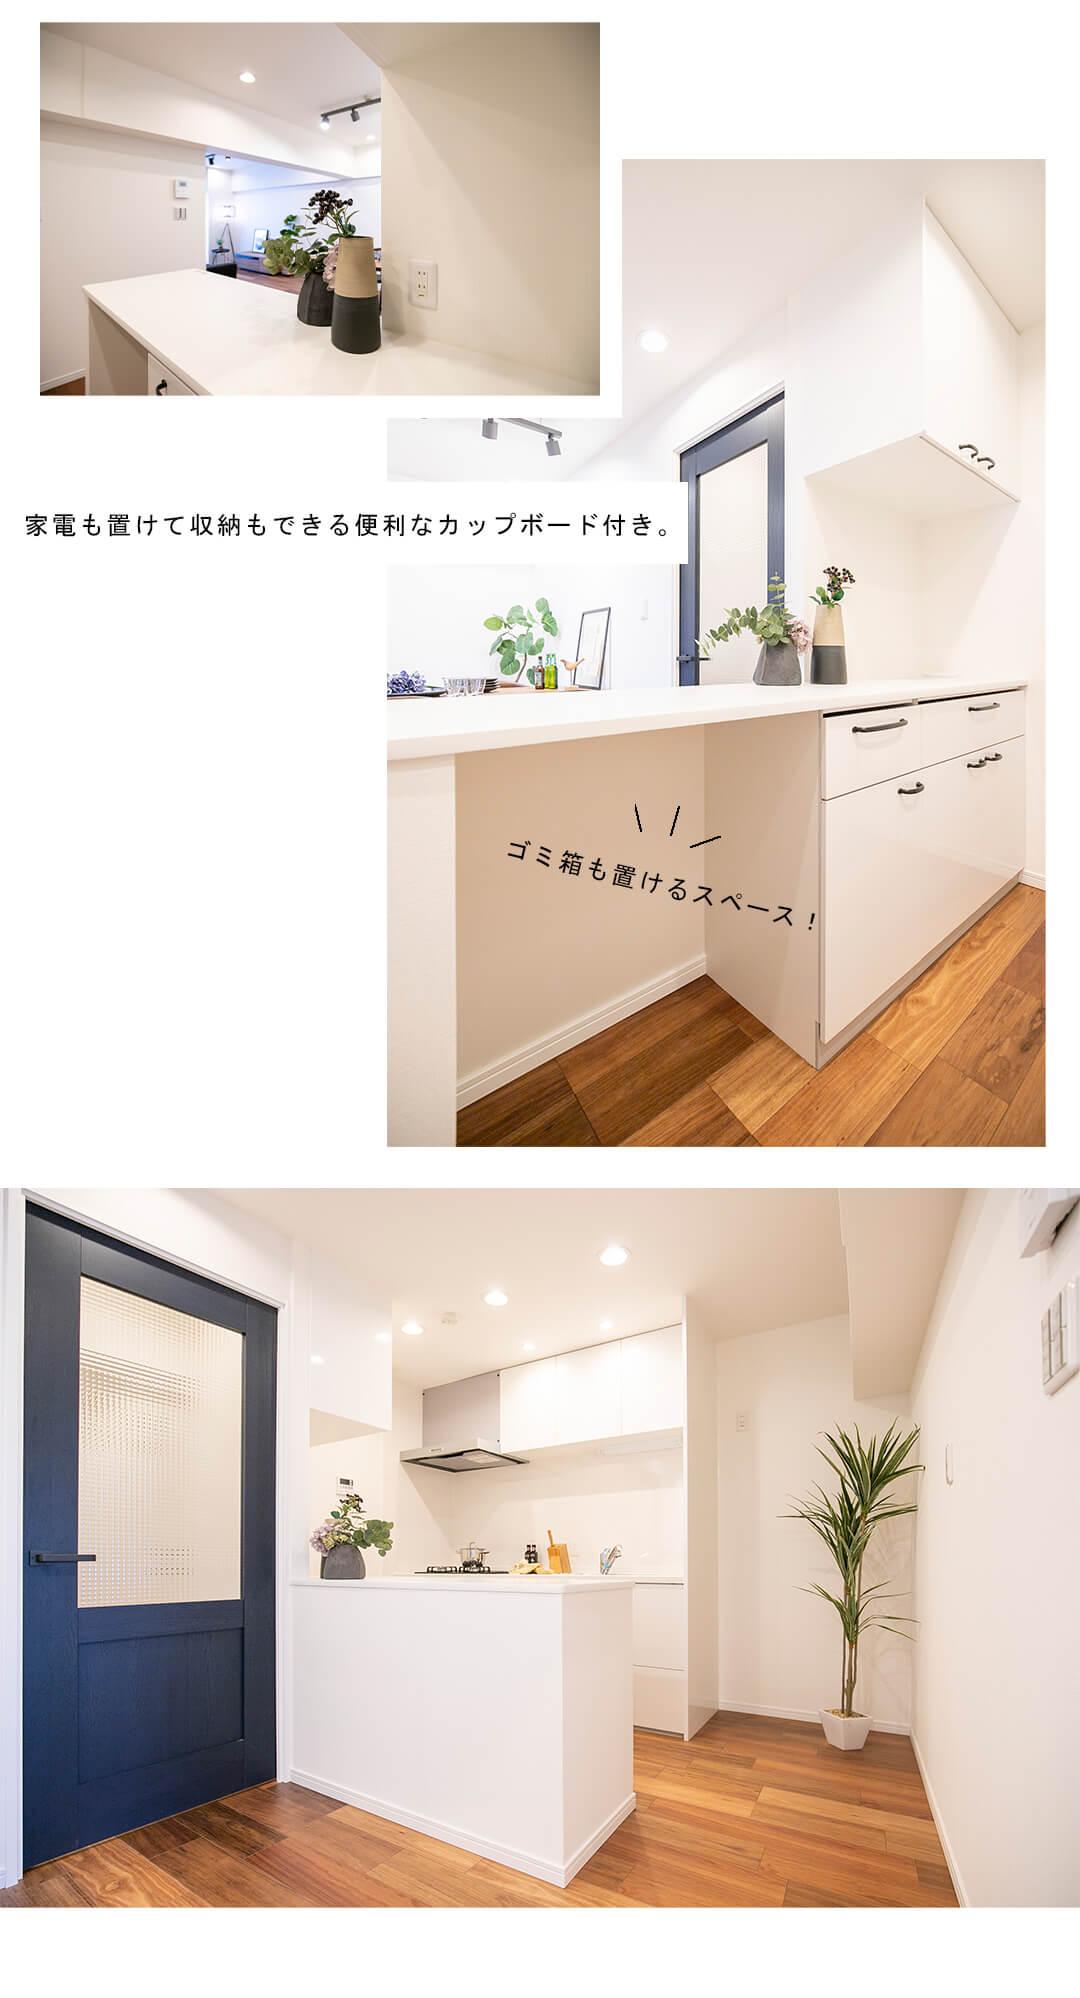 藤和高輪台コープのキッチン